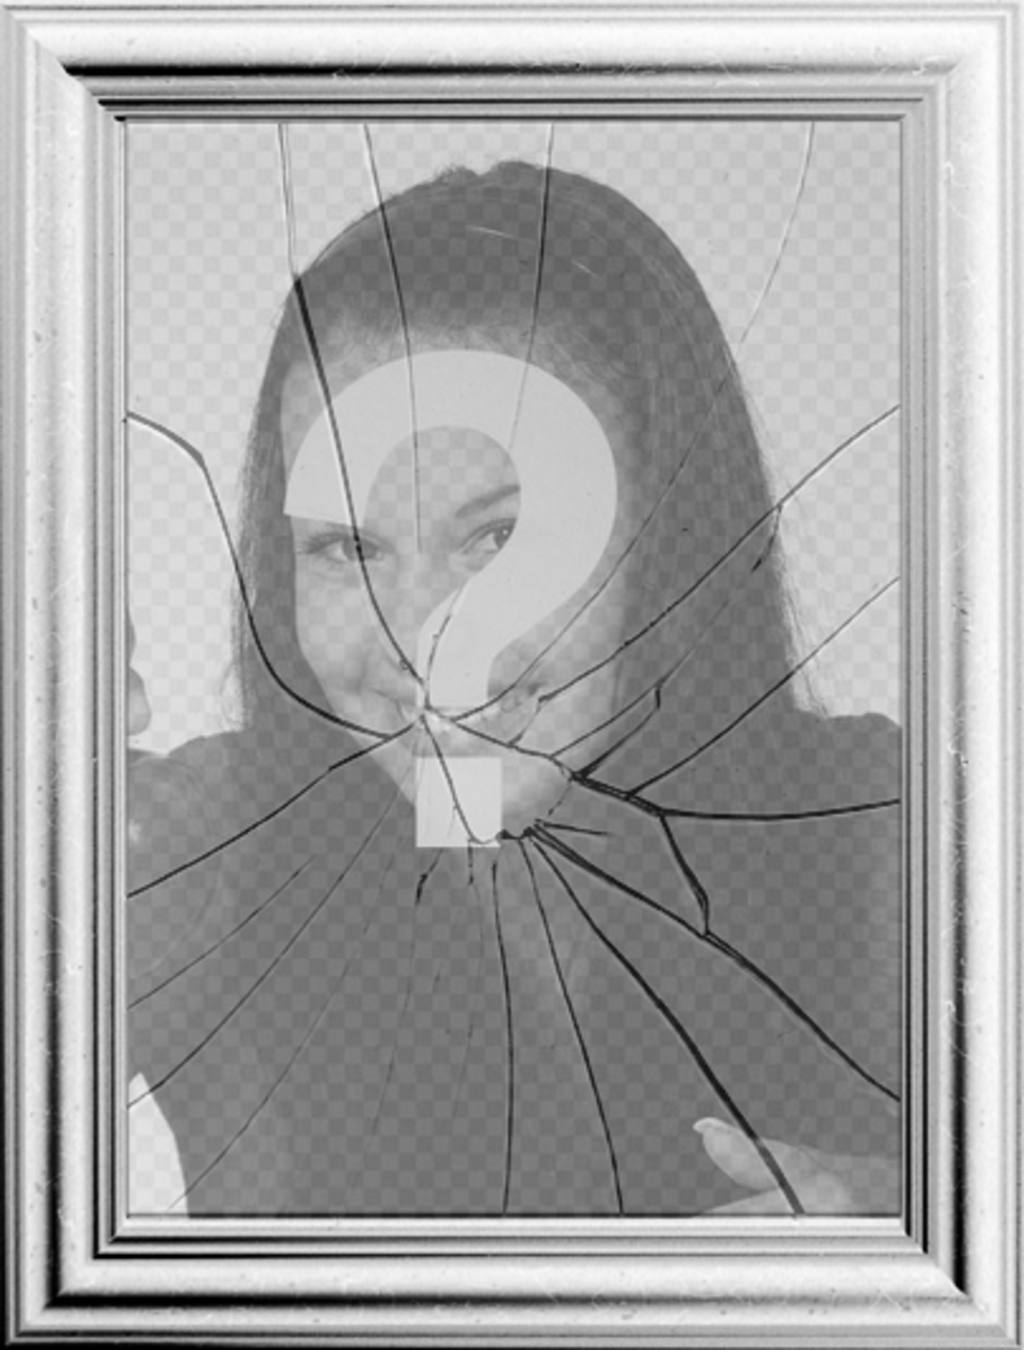 Cornice digitale l immagine si rifletter in uno specchio - Specchio rotto sfortuna ...